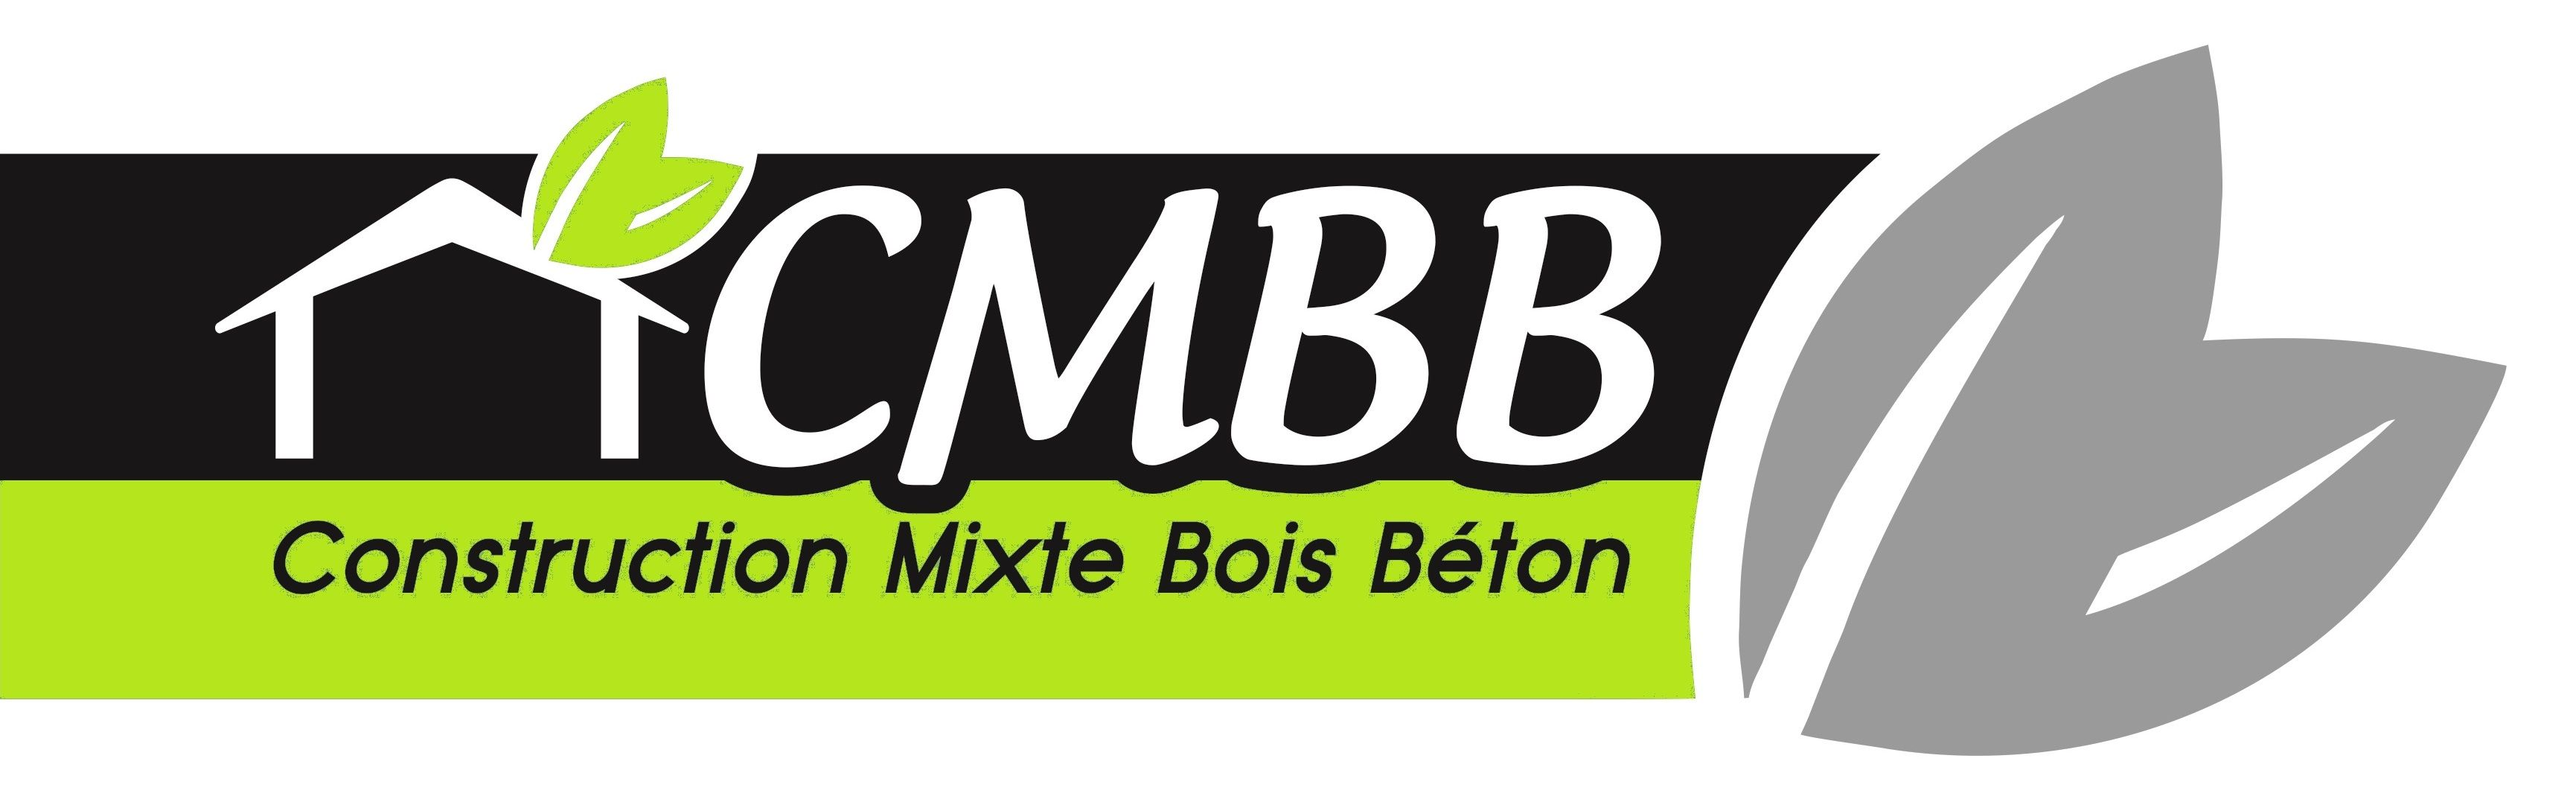 Construction Mixte Bois Béton